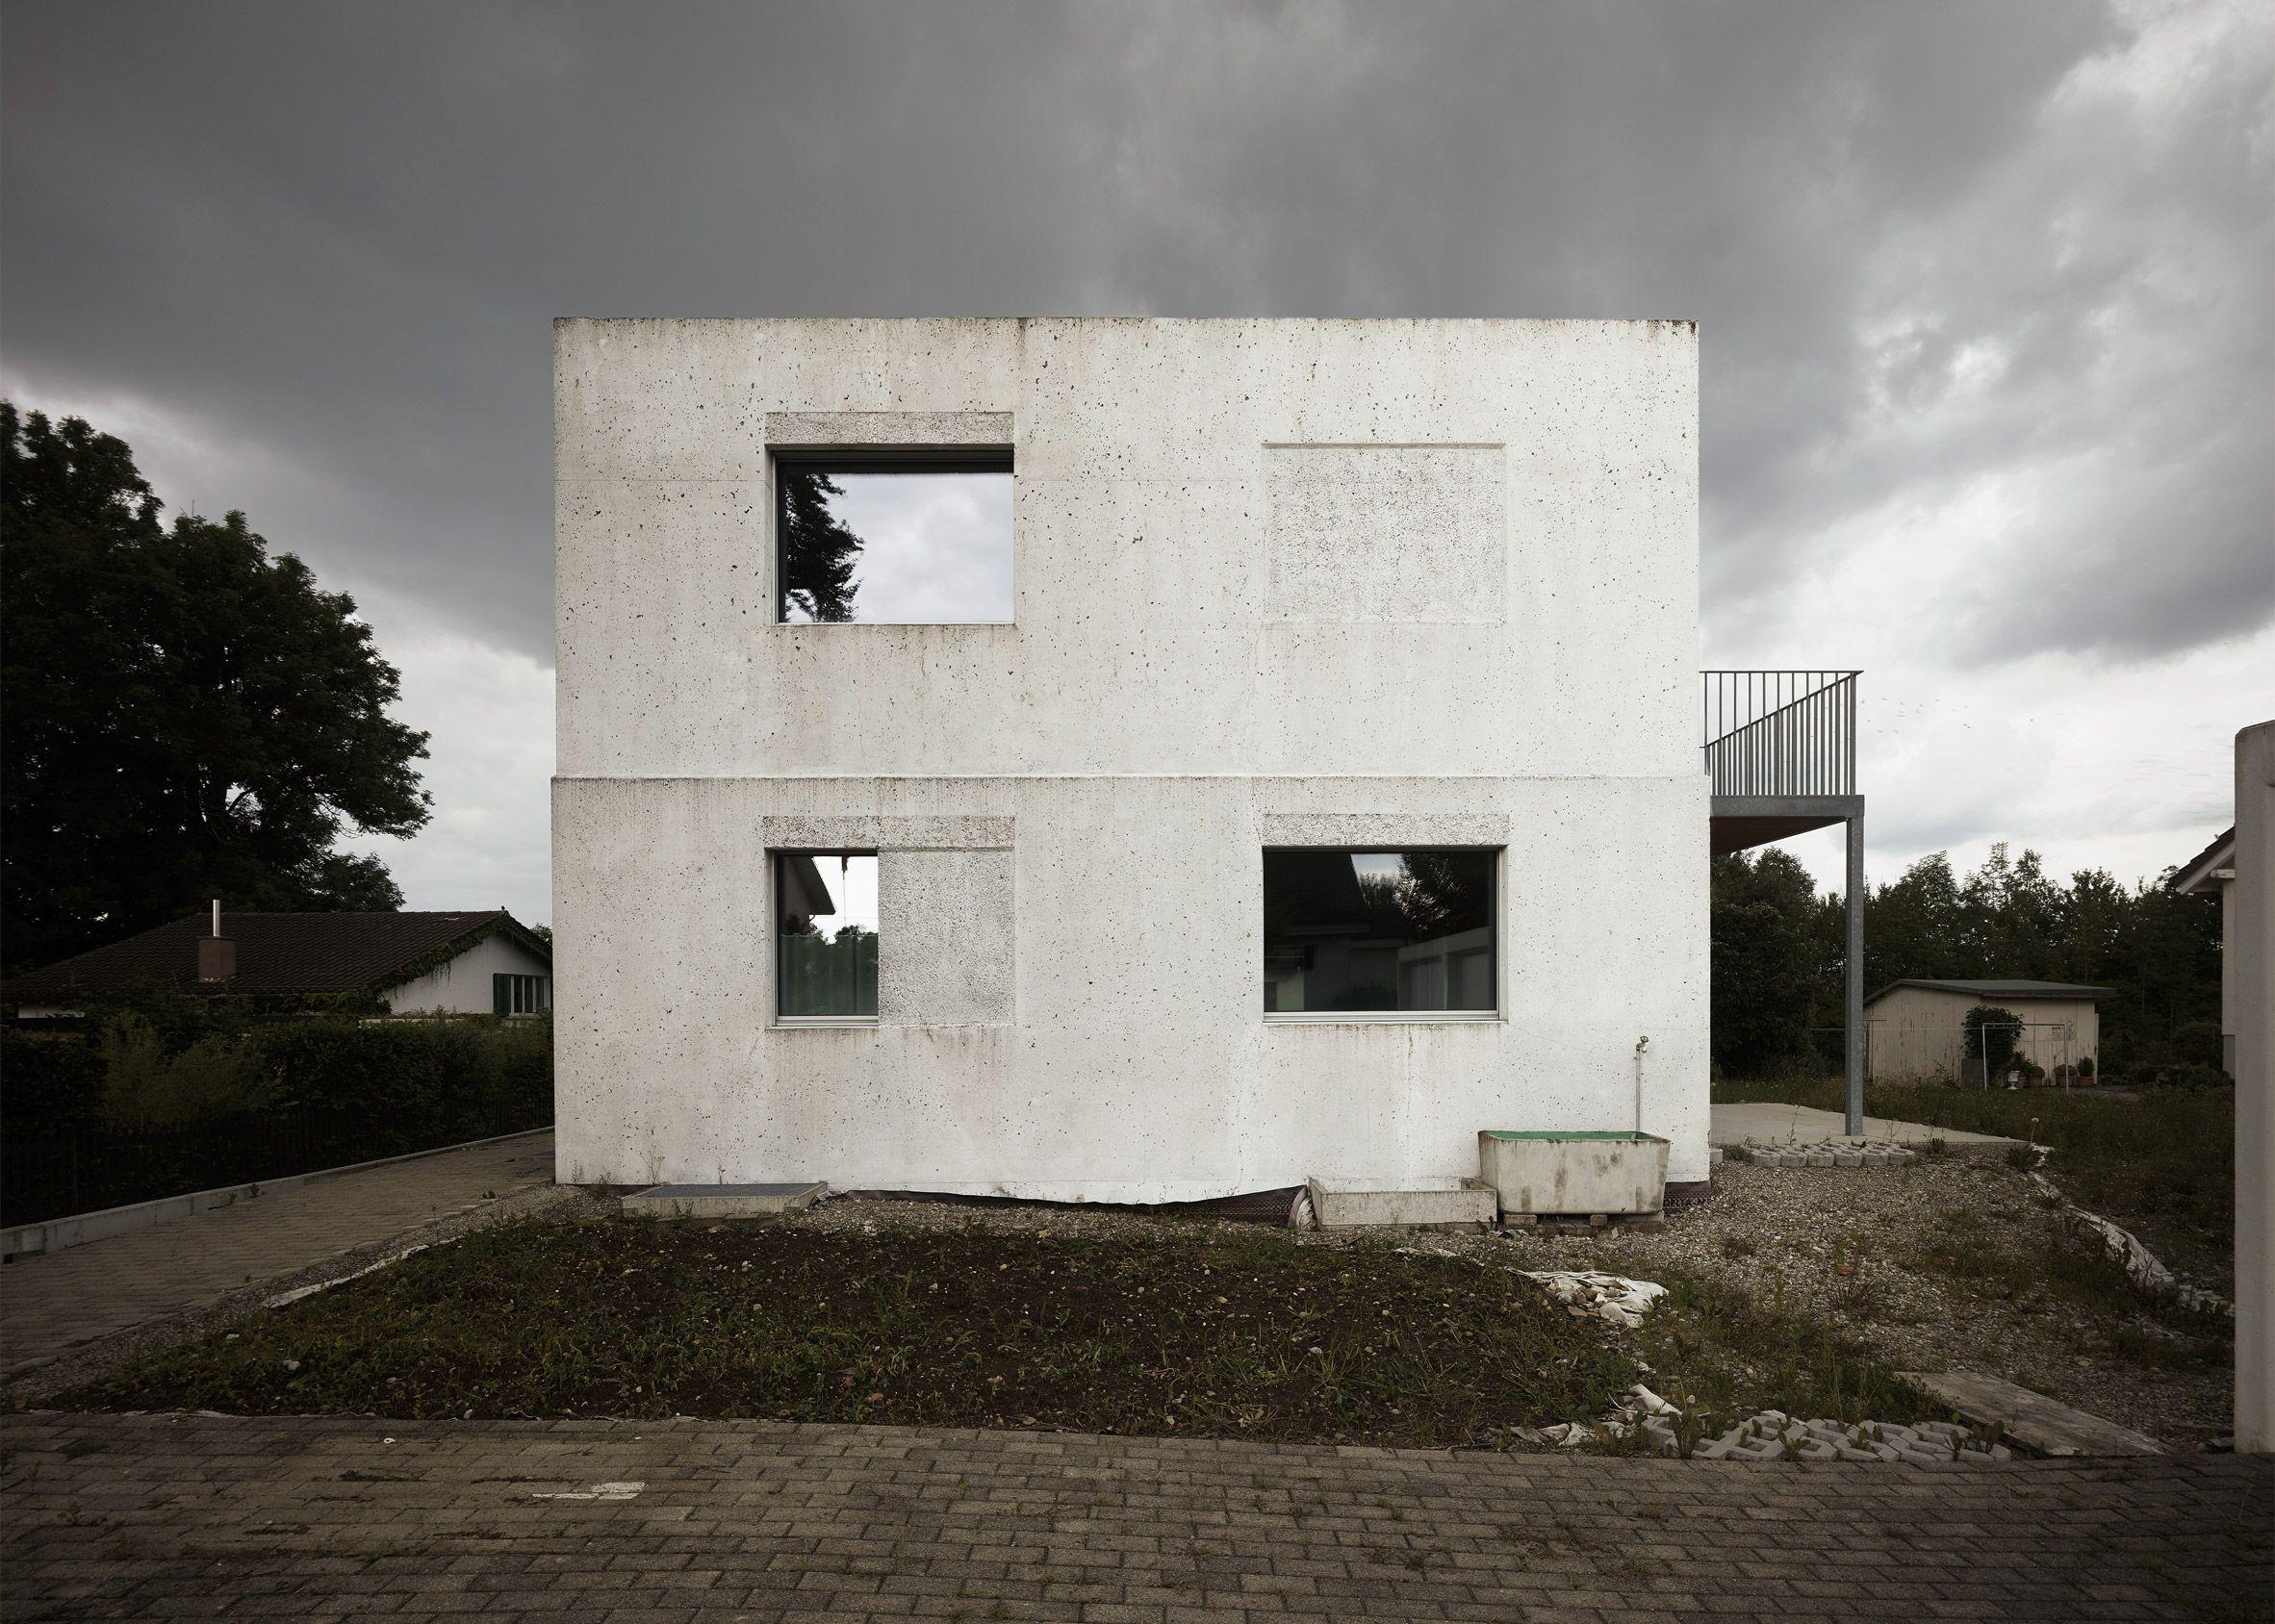 Beton wohnungsbau einfamilienhaus ideen zürich moderne häuser moderne architektur schweiz wohnungen